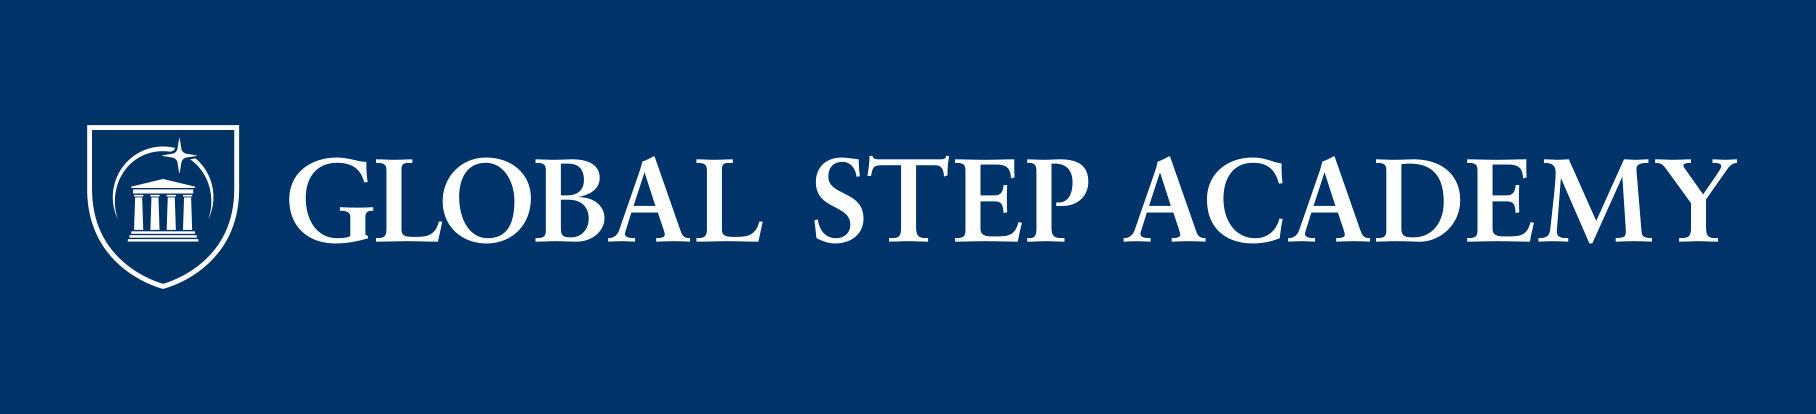 Global Step Academy